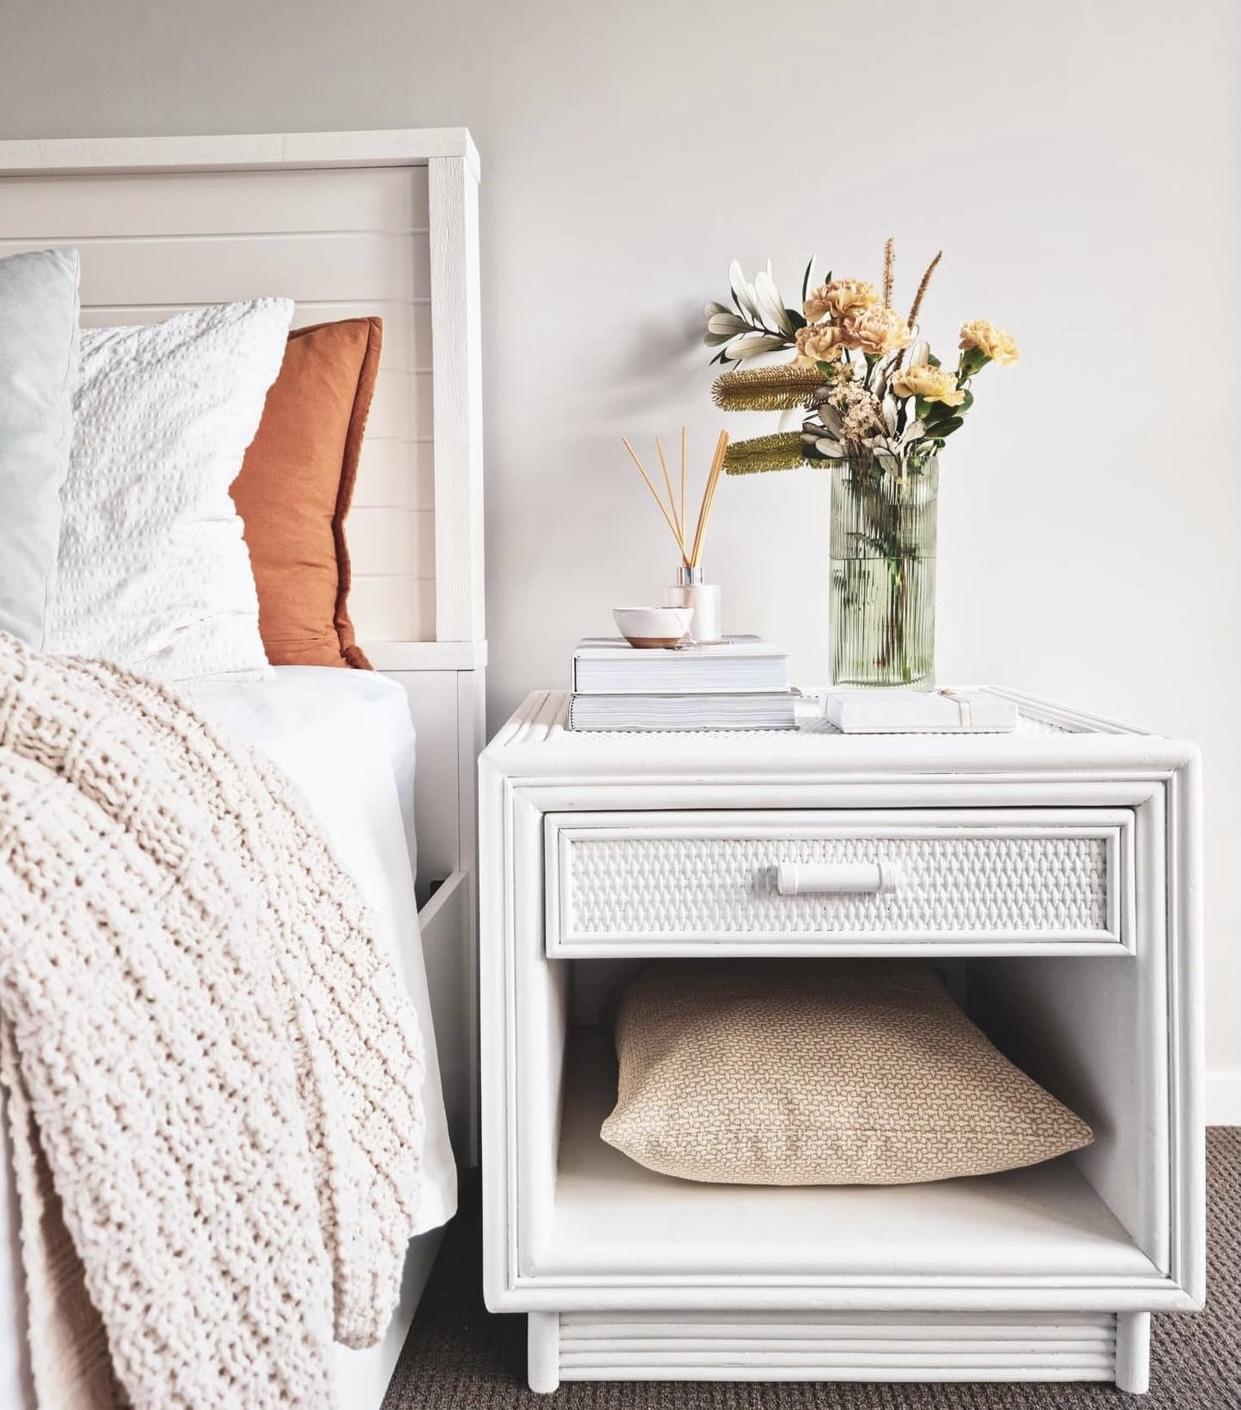 Bedside styling winner